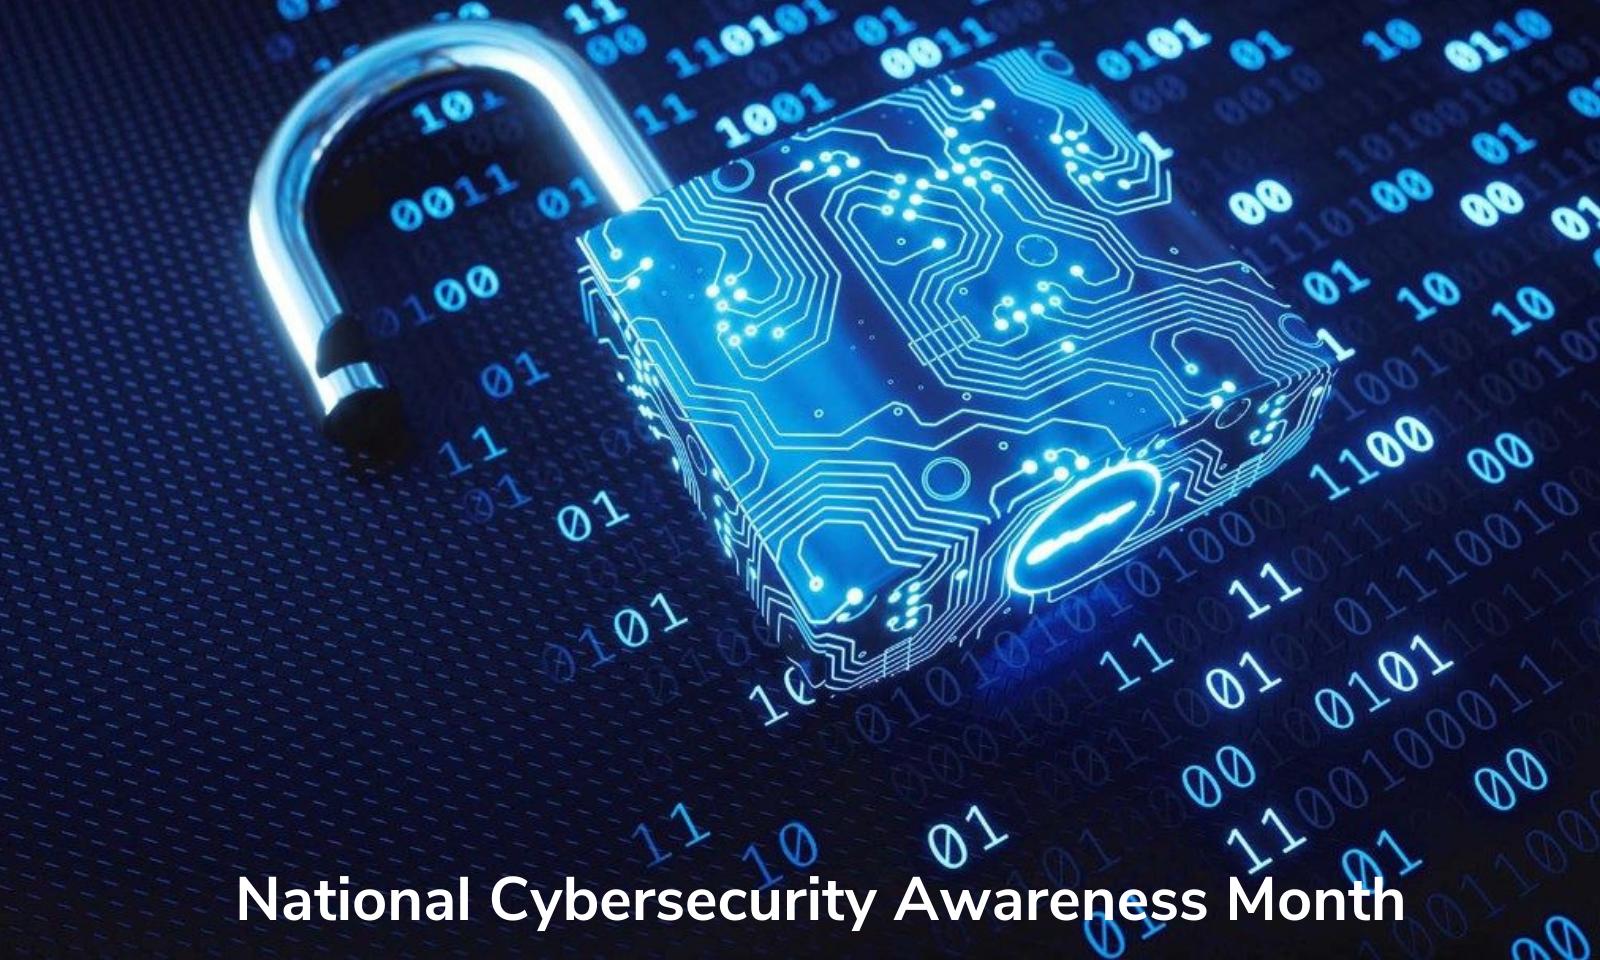 Mês Nacional de Conscientização sobre Segurança Cibernética